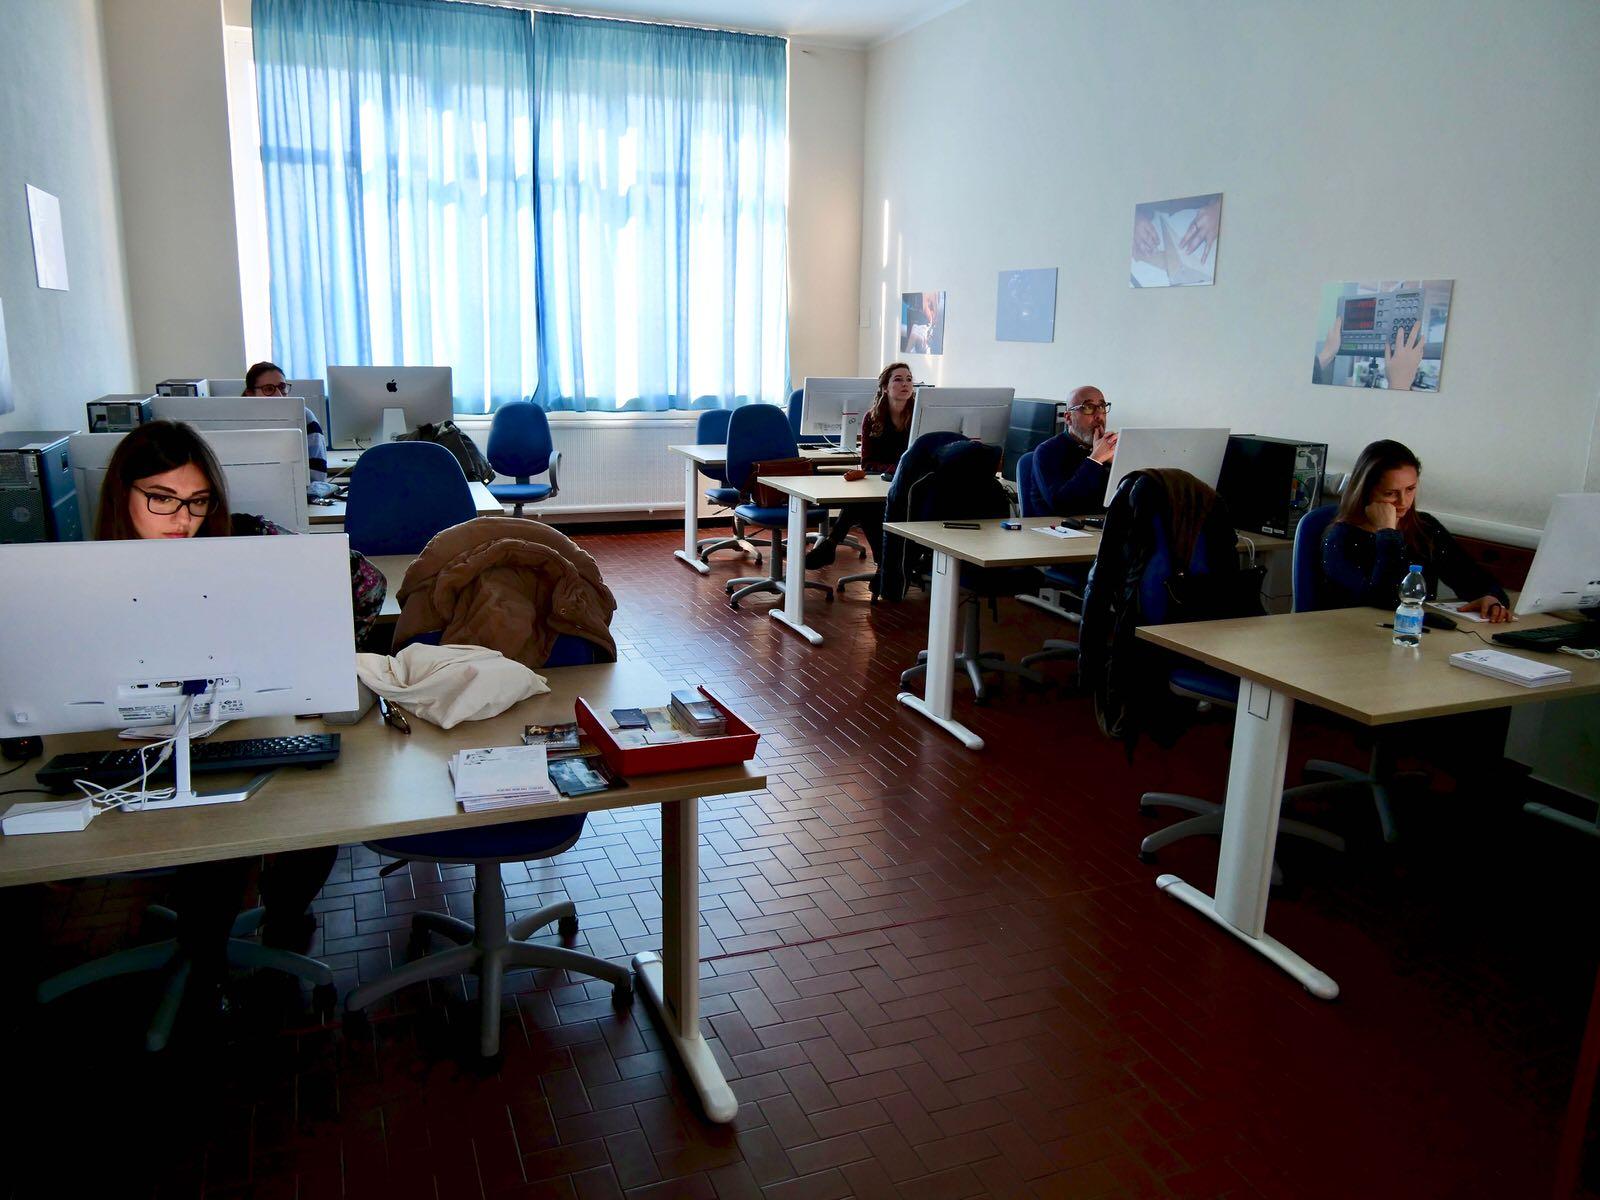 Inaugurata al Centro San Salvatore - Villaggio del Ragazzo la nuova aula dedicata al Building Information Modeling (BIM) - 2